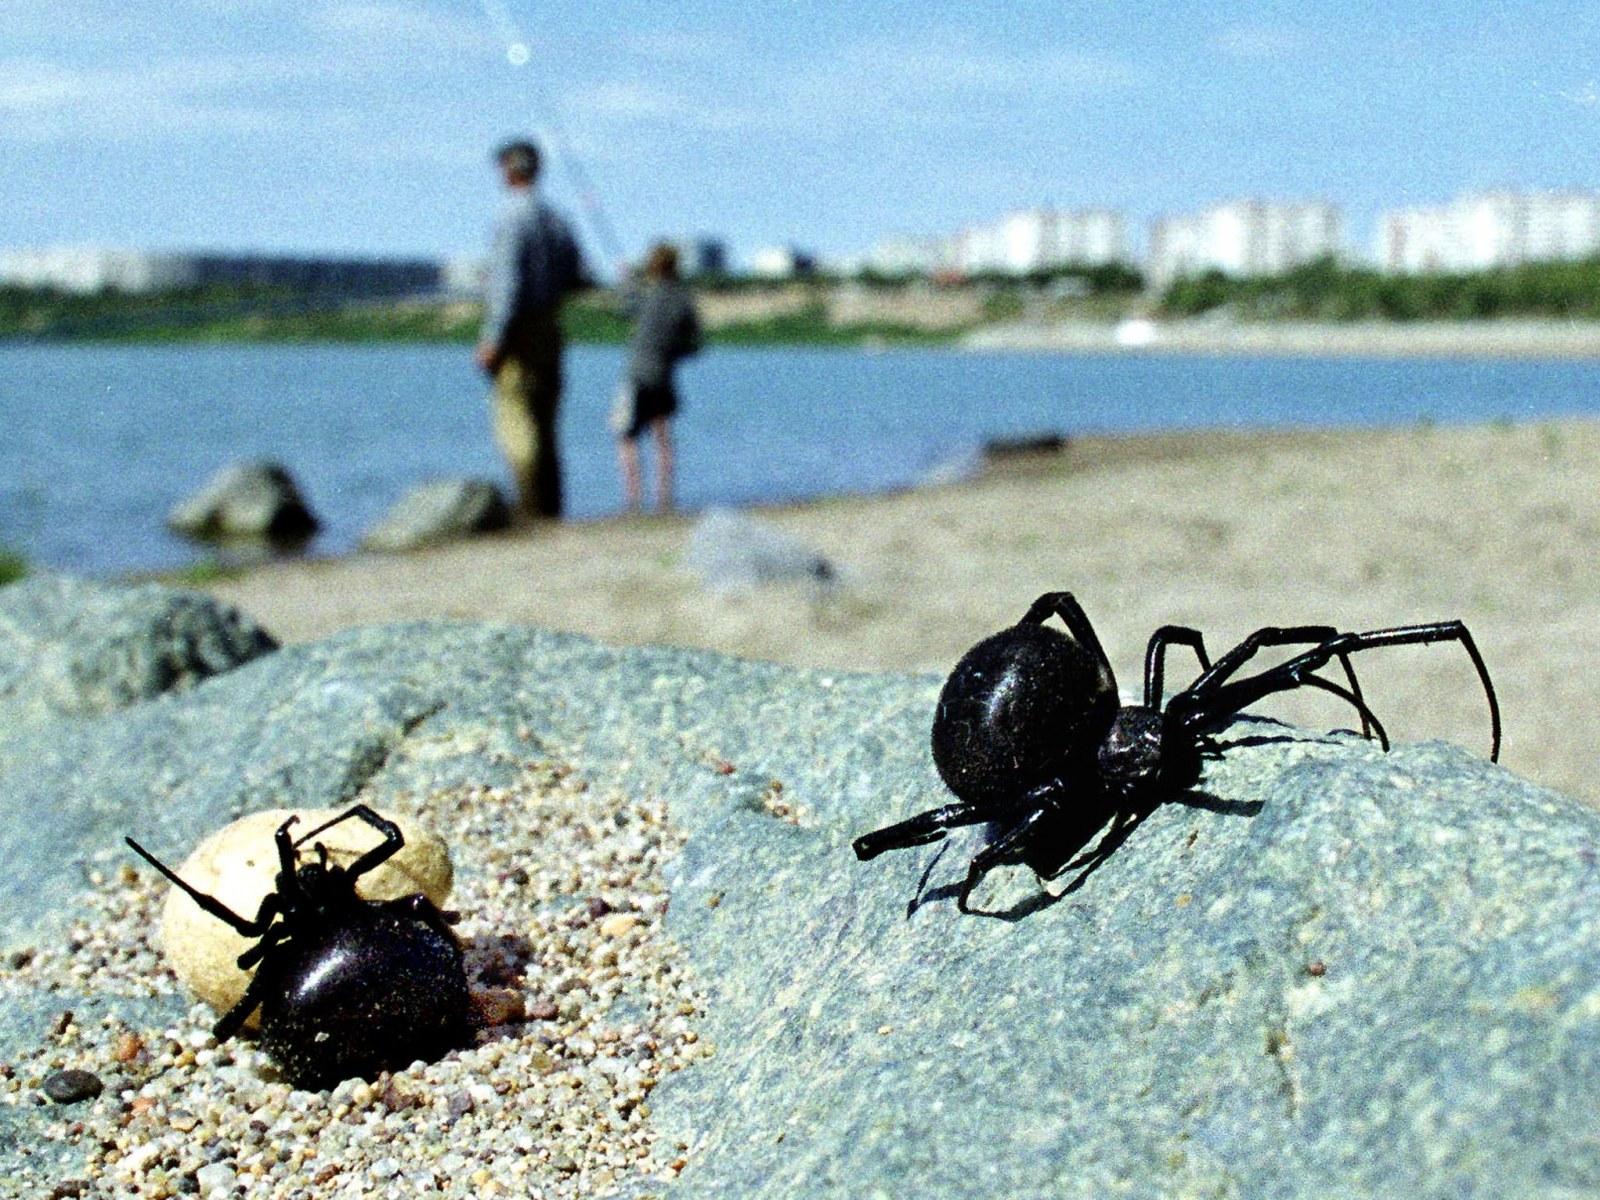 Black Widow Spider Bites Massachusetts Child Parents Issue Warning